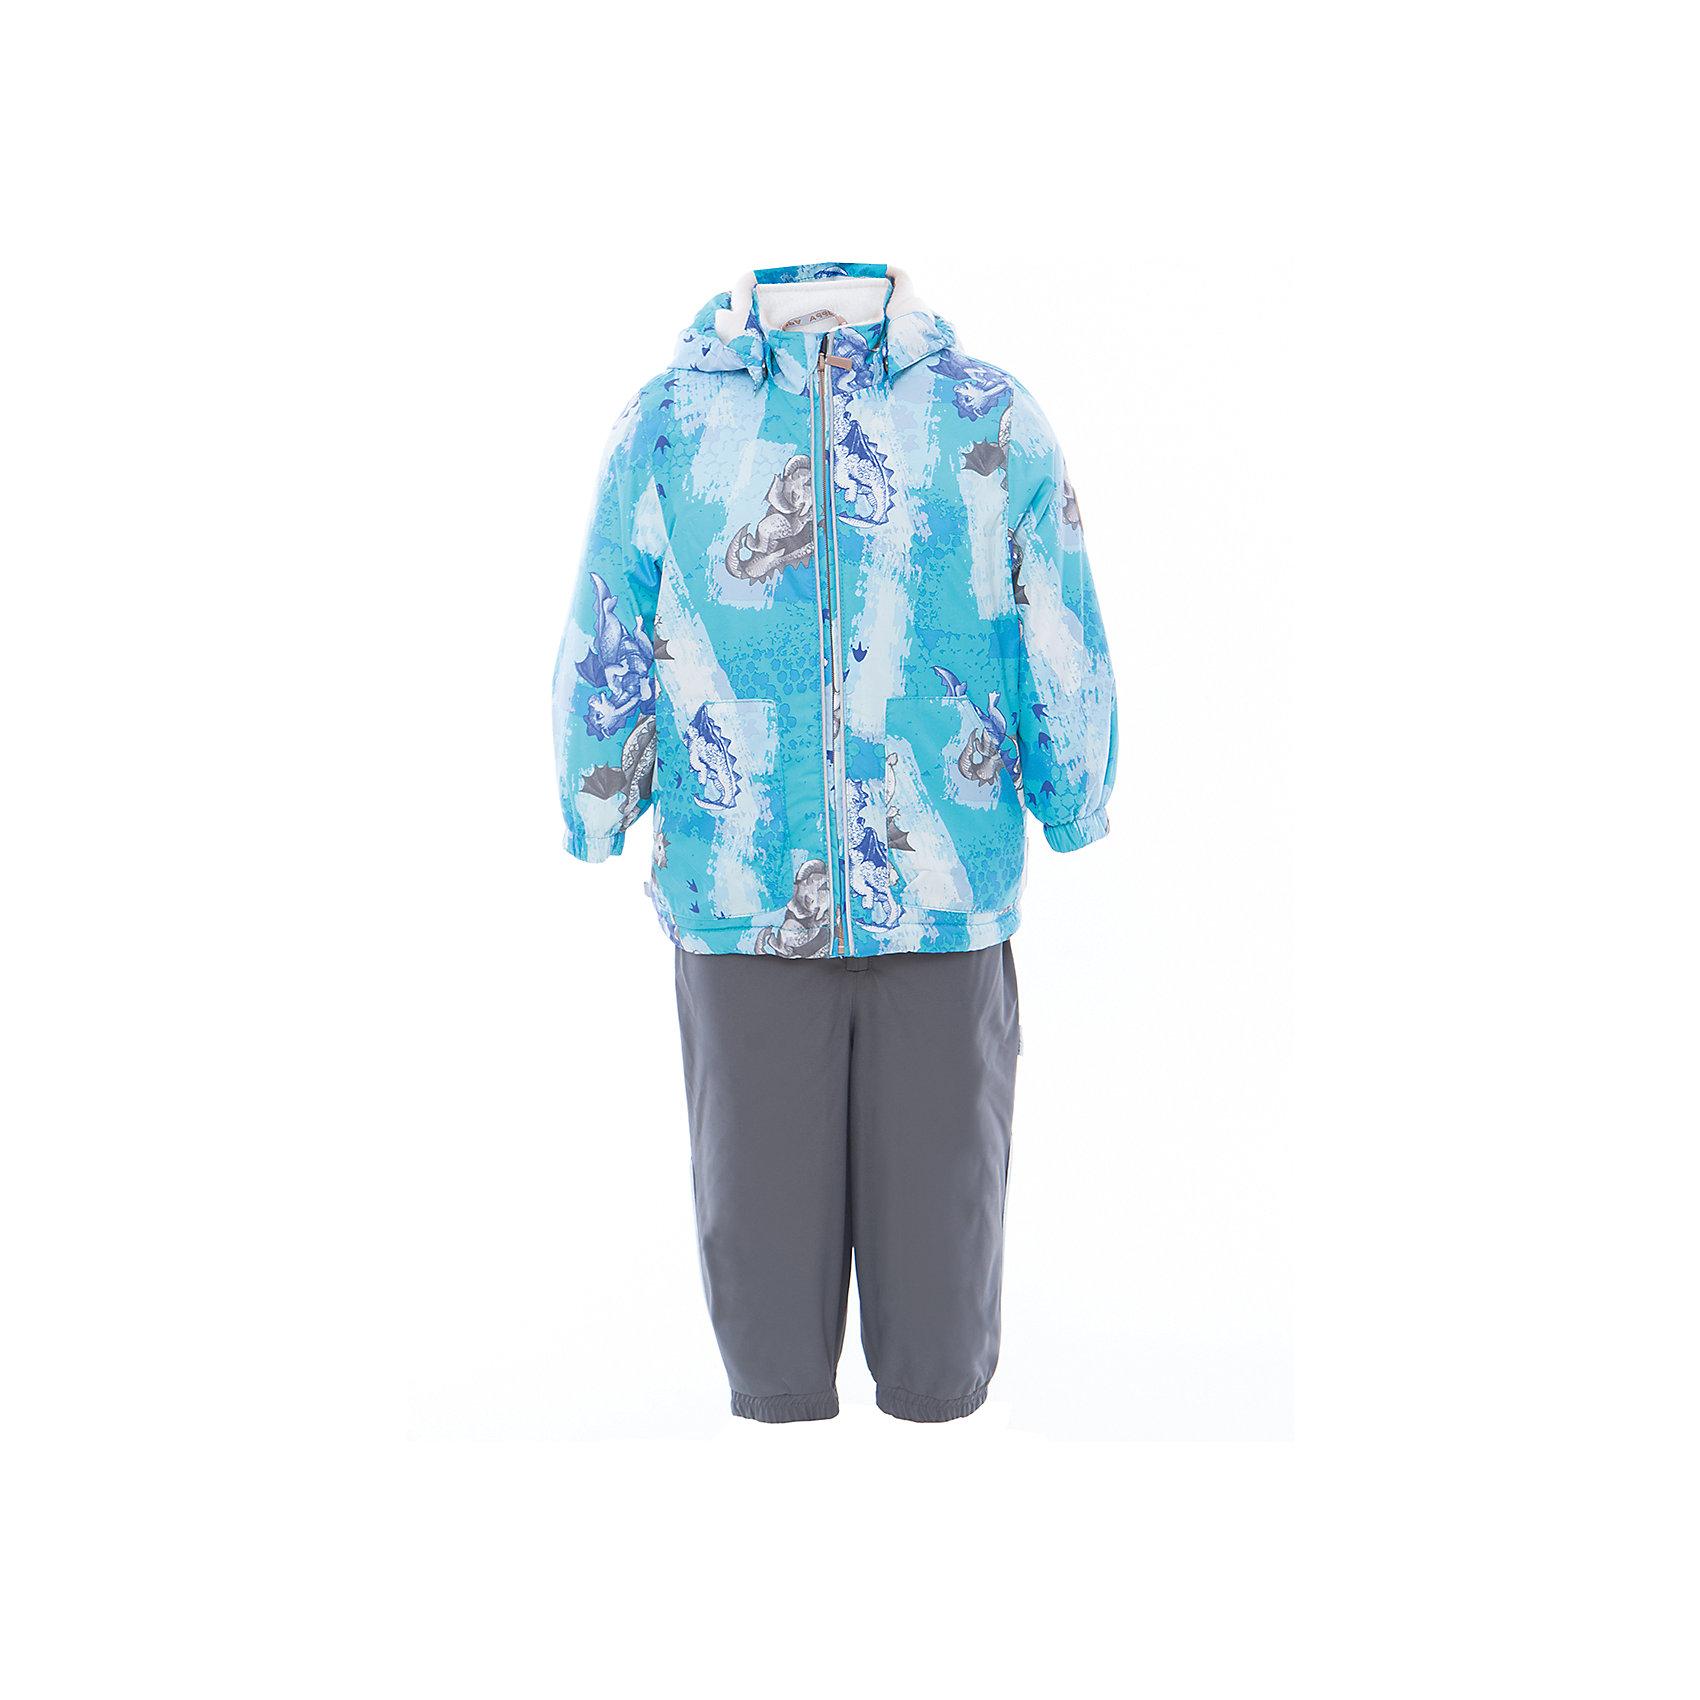 Комплект: куртка и полукомбинезон для мальчика CARLO HuppaВерхняя одежда<br>Характеристики товара:<br><br>• цвет: светло-голубой принт/серый<br>• комплектация: куртка и полукомбинезон <br>• ткань: 100% полиэстер<br>• подкладка: тафта - 100% полиэстер<br>• утеплитель: 100% полиэстер; куртка 100 г, полукомбинезон 40 г<br>• температурный режим: от -5°С до +10°С<br>• водонепроницаемость: верх - 5000 мм, низ - 10000 мм<br>• воздухопроницаемость: верх - 5000 мм, низ - 10000 мм<br>• светоотражающие детали<br>• шов сидения проклеен<br>• съёмный капюшон с резинкой<br>• эластичные манжеты на рукавах<br>• манжеты брюк с резинкой<br>• съёмные эластичные штрипки<br>• без внутренних швов<br>• резиновые подтяжки<br>• коллекция: весна-лето 2017<br>• страна бренда: Эстония<br><br>Такой модный демисезонный комплект  обеспечит детям тепло и комфорт. Он сделан из материала, отталкивающего воду, и дополнен подкладкой с утеплителем, поэтому изделие идеально подходит для межсезонья. Материал изделий - с мембранной технологией: защищая от влаги и ветра, он легко выводит лишнюю влагу наружу. Комплект очень симпатично смотрится. <br><br>Одежда и обувь от популярного эстонского бренда Huppa - отличный вариант одеть ребенка можно и комфортно. Вещи, выпускаемые компанией, качественные, продуманные и очень удобные. Для производства изделий используются только безопасные для детей материалы. Продукция от Huppa порадует и детей, и их родителей!<br><br>Комплект: куртка и полукомбинезон для мальчика CARLO от бренда Huppa (Хуппа) можно купить в нашем интернет-магазине.<br><br>Ширина мм: 356<br>Глубина мм: 10<br>Высота мм: 245<br>Вес г: 519<br>Цвет: синий<br>Возраст от месяцев: 48<br>Возраст до месяцев: 60<br>Пол: Мужской<br>Возраст: Детский<br>Размер: 110,80,86,92,98,104<br>SKU: 5346690